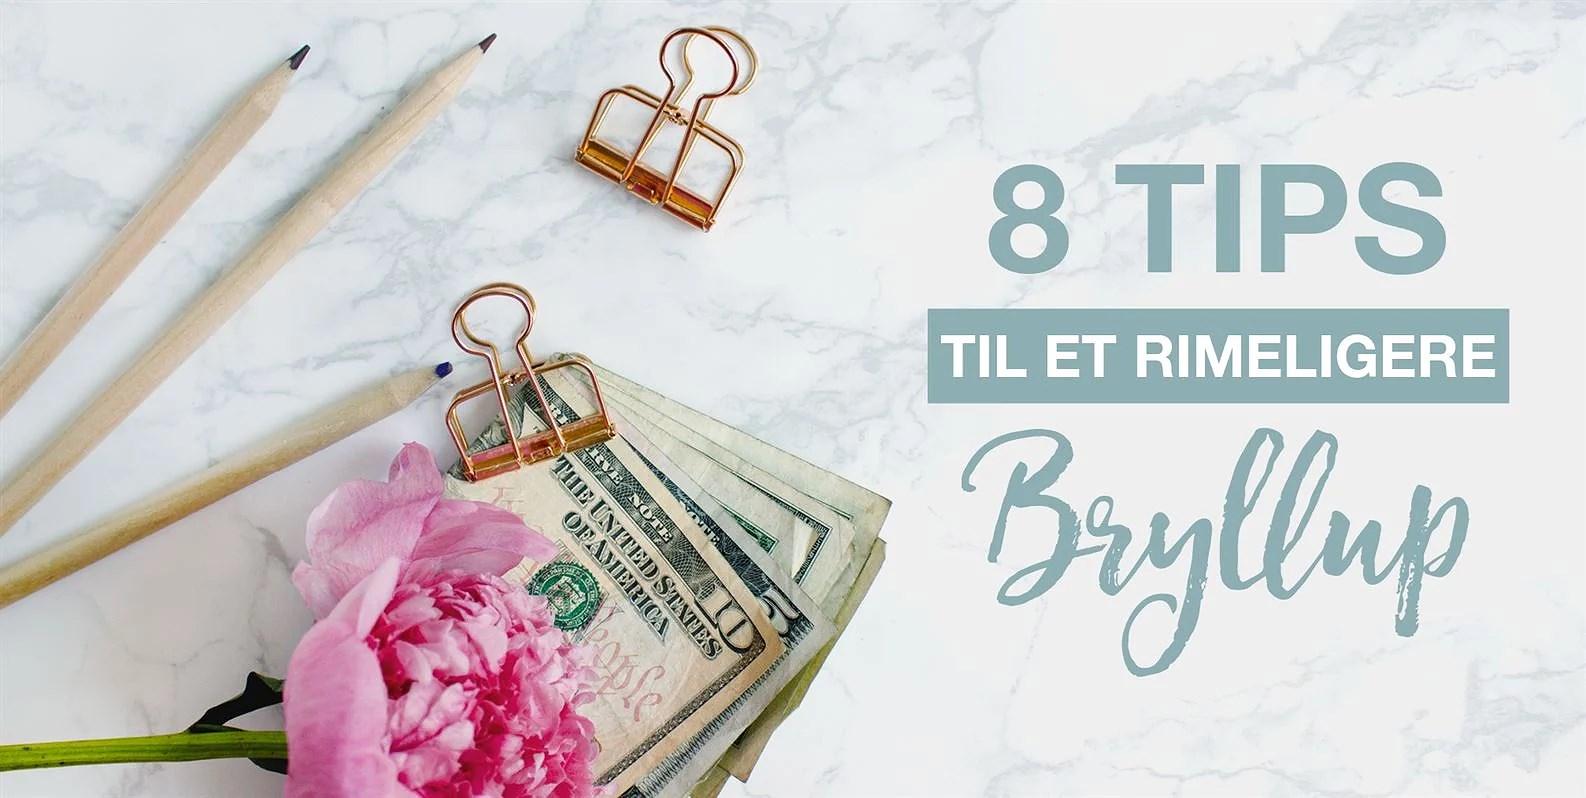 8 tips til et rimeligere bryllup